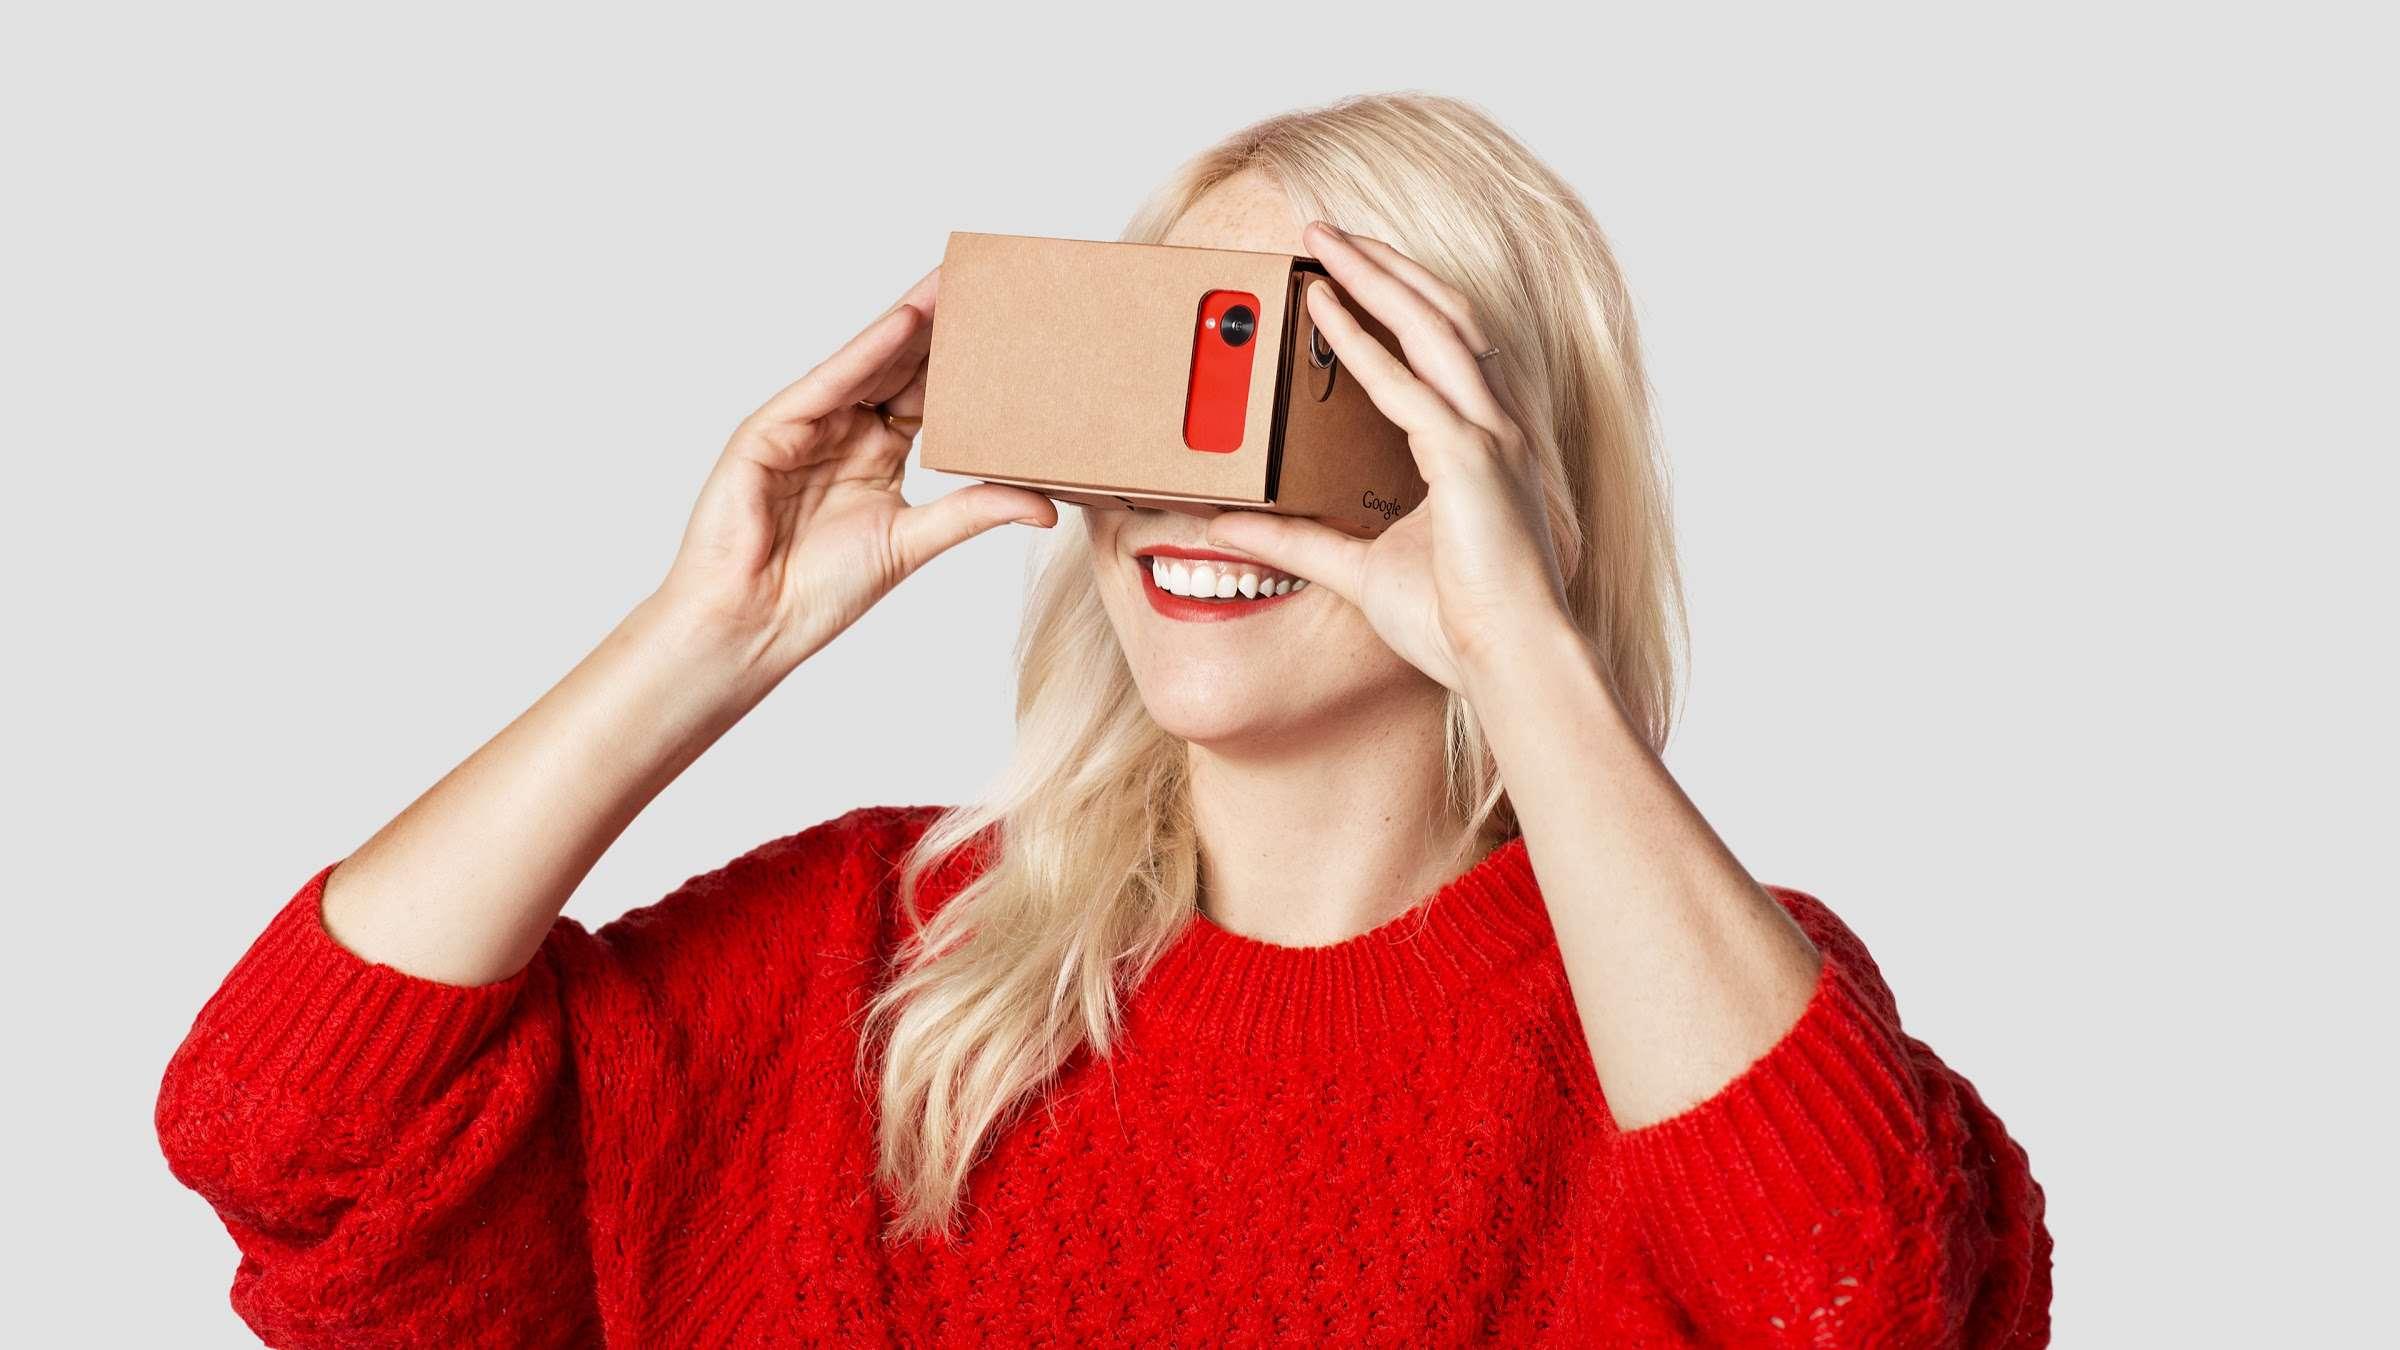 Cardboard: el dispositivo de realidad virtual al alcance de todos